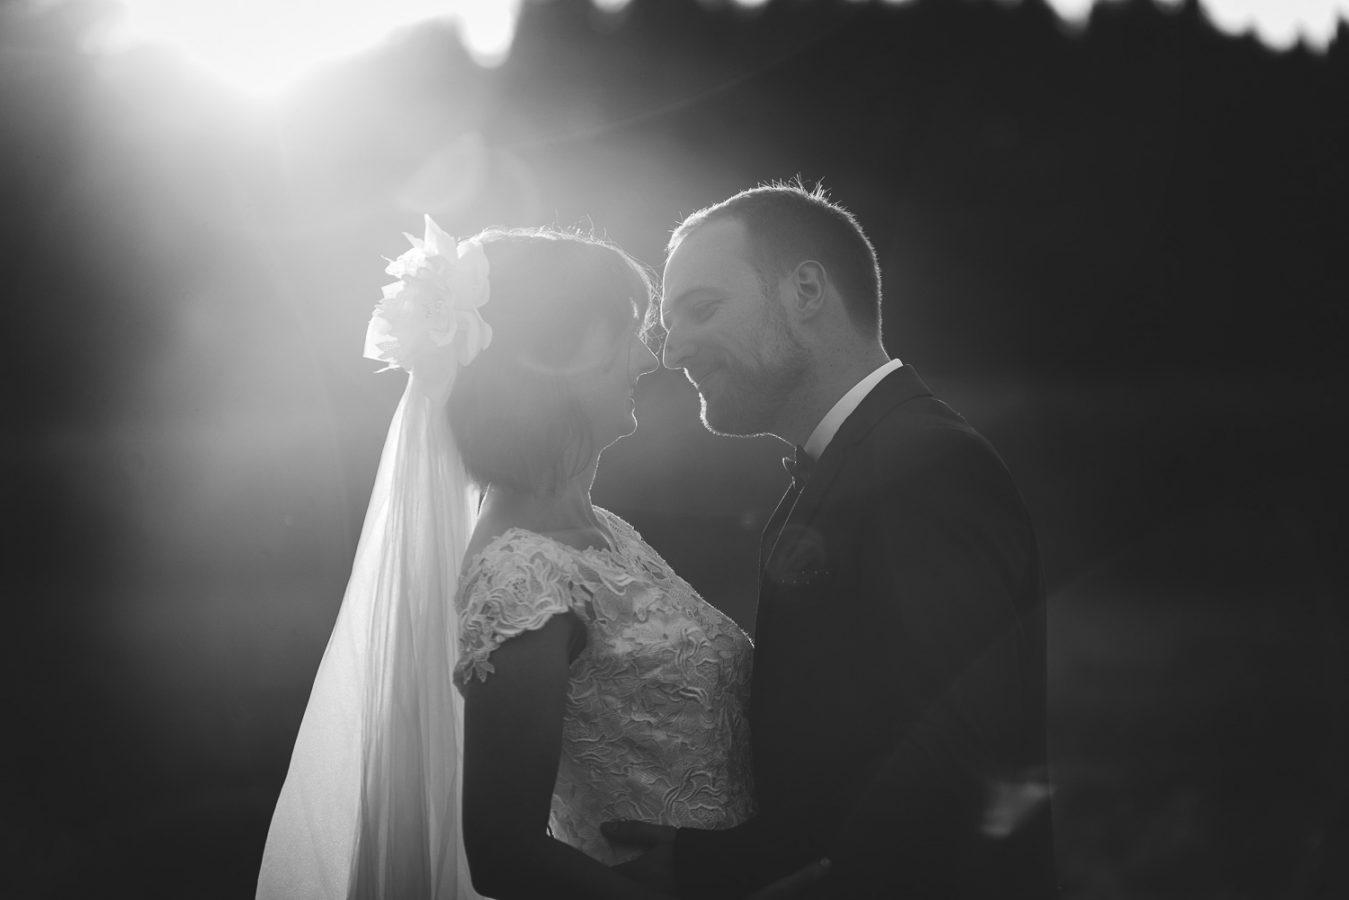 priscilliahervier-photographe-mariage-chateau-limousin